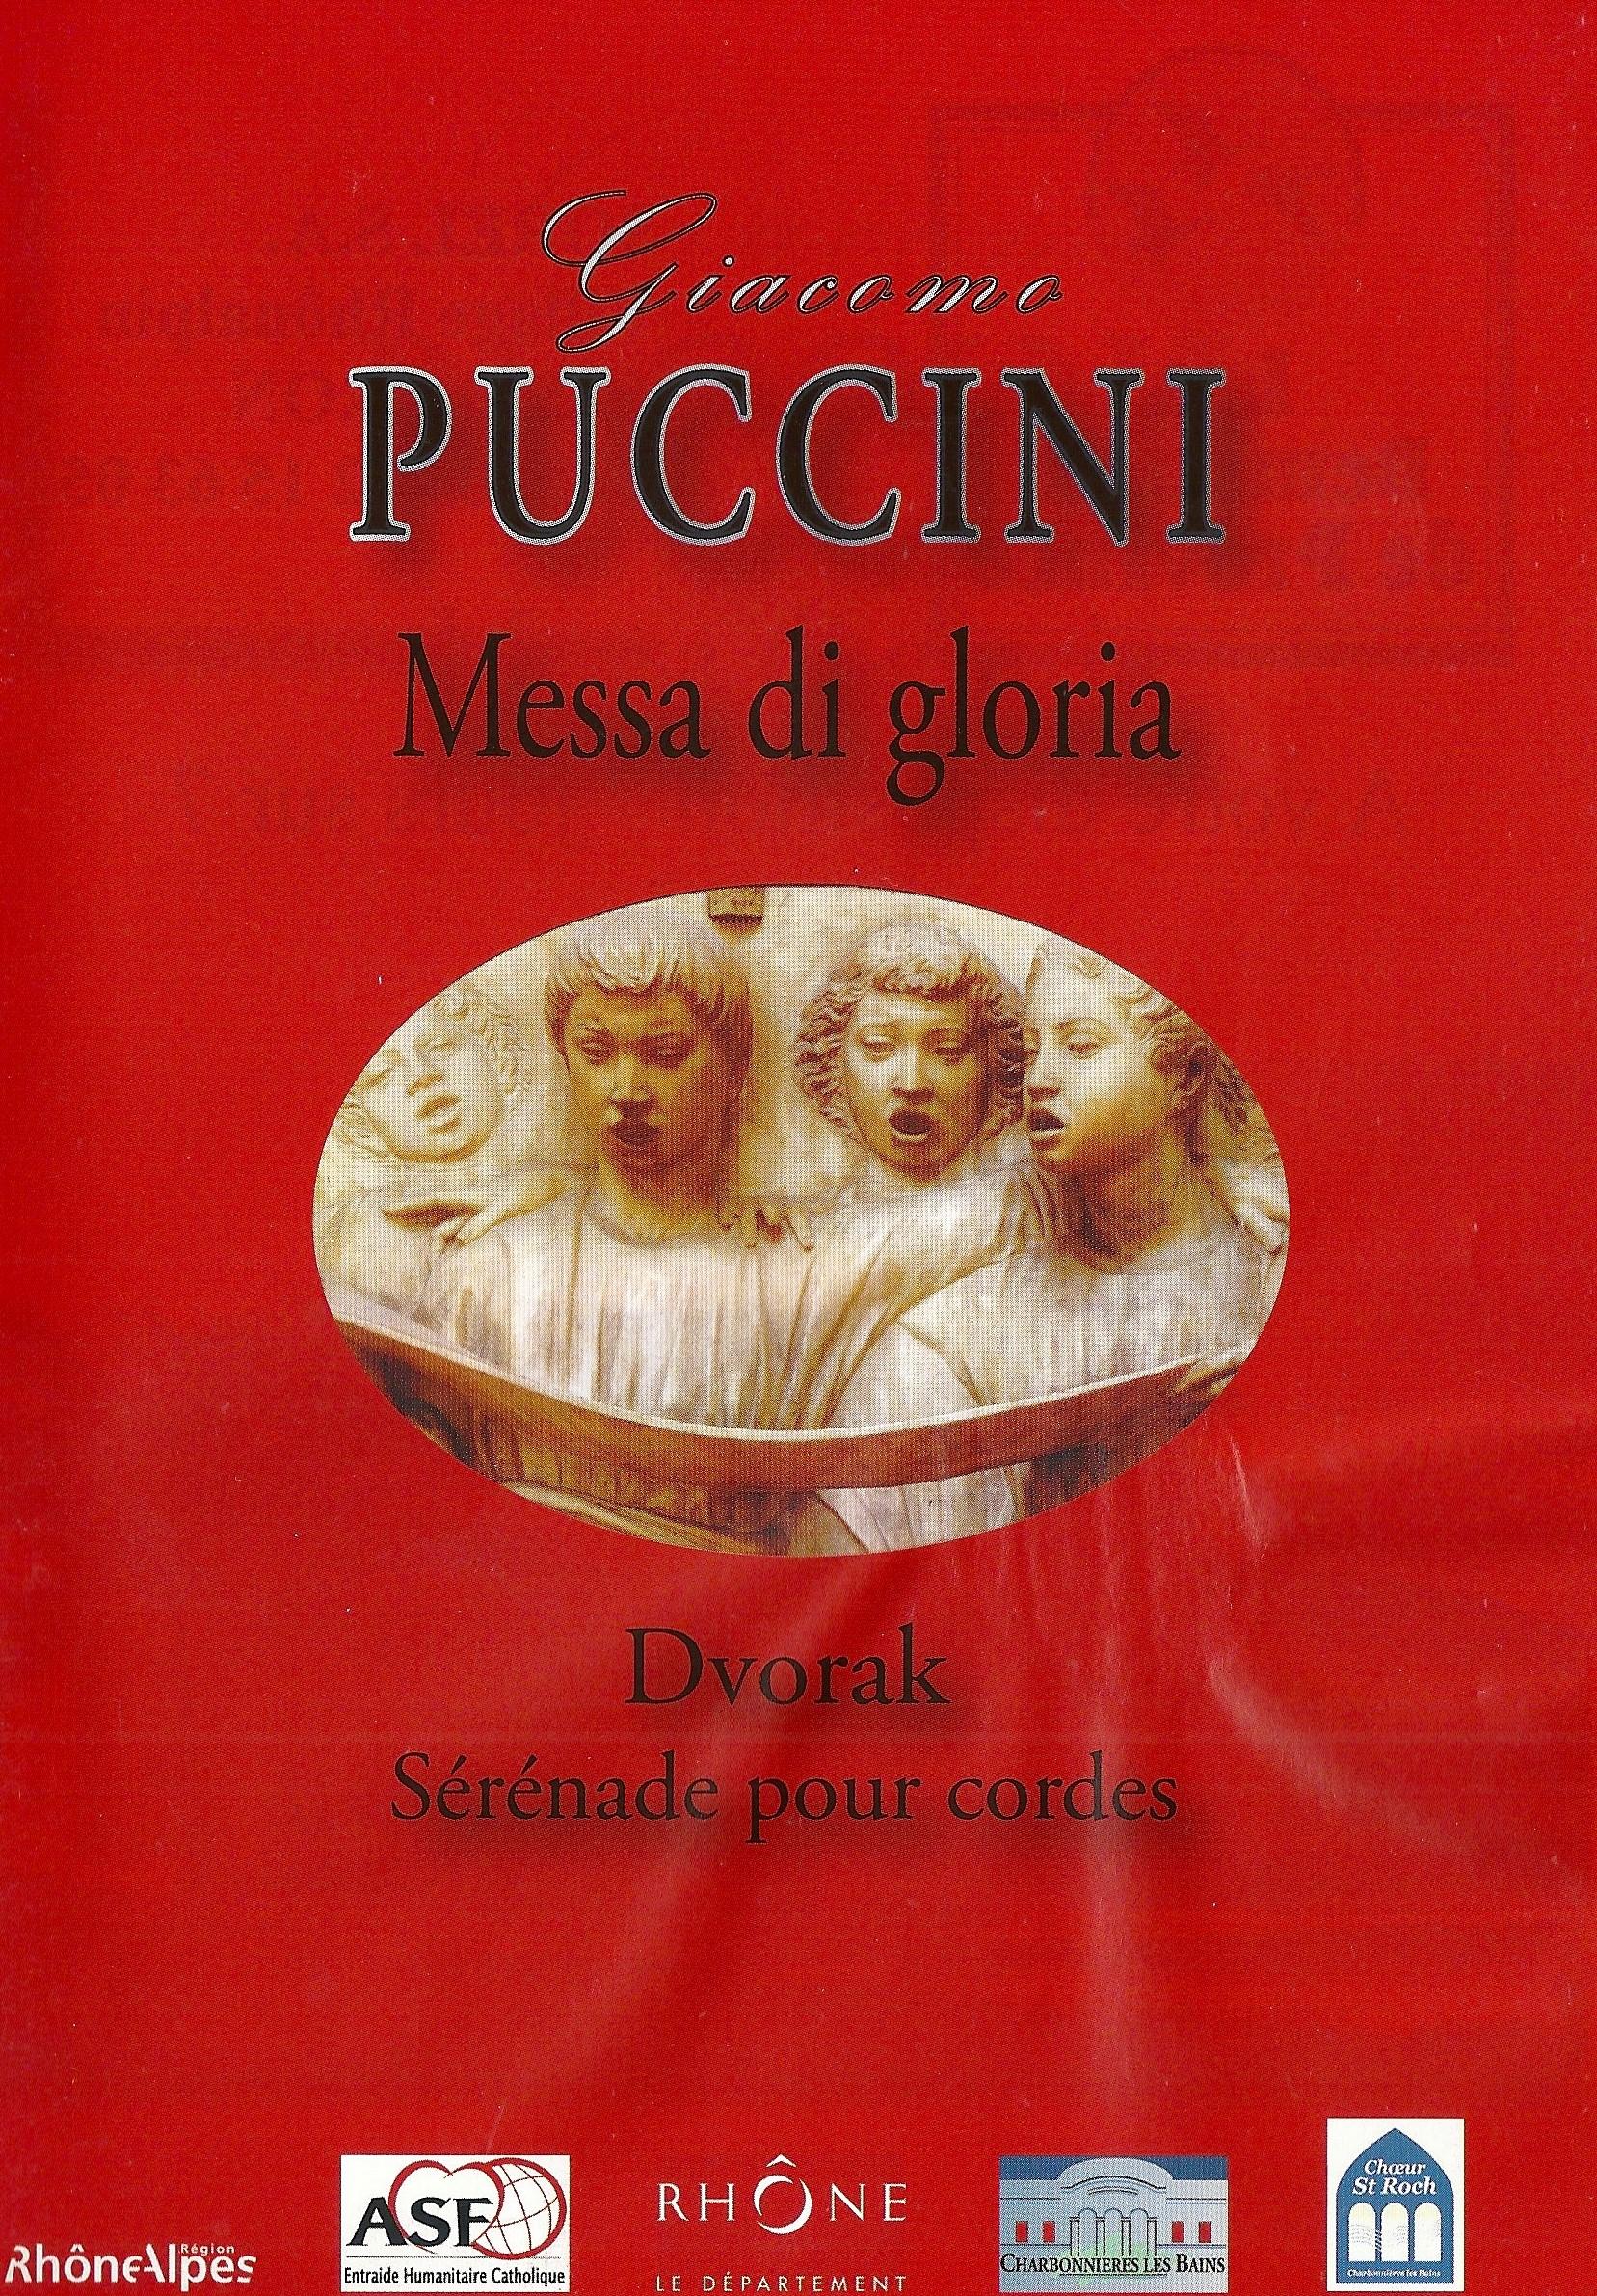 Concert Nov 2007 Puccini